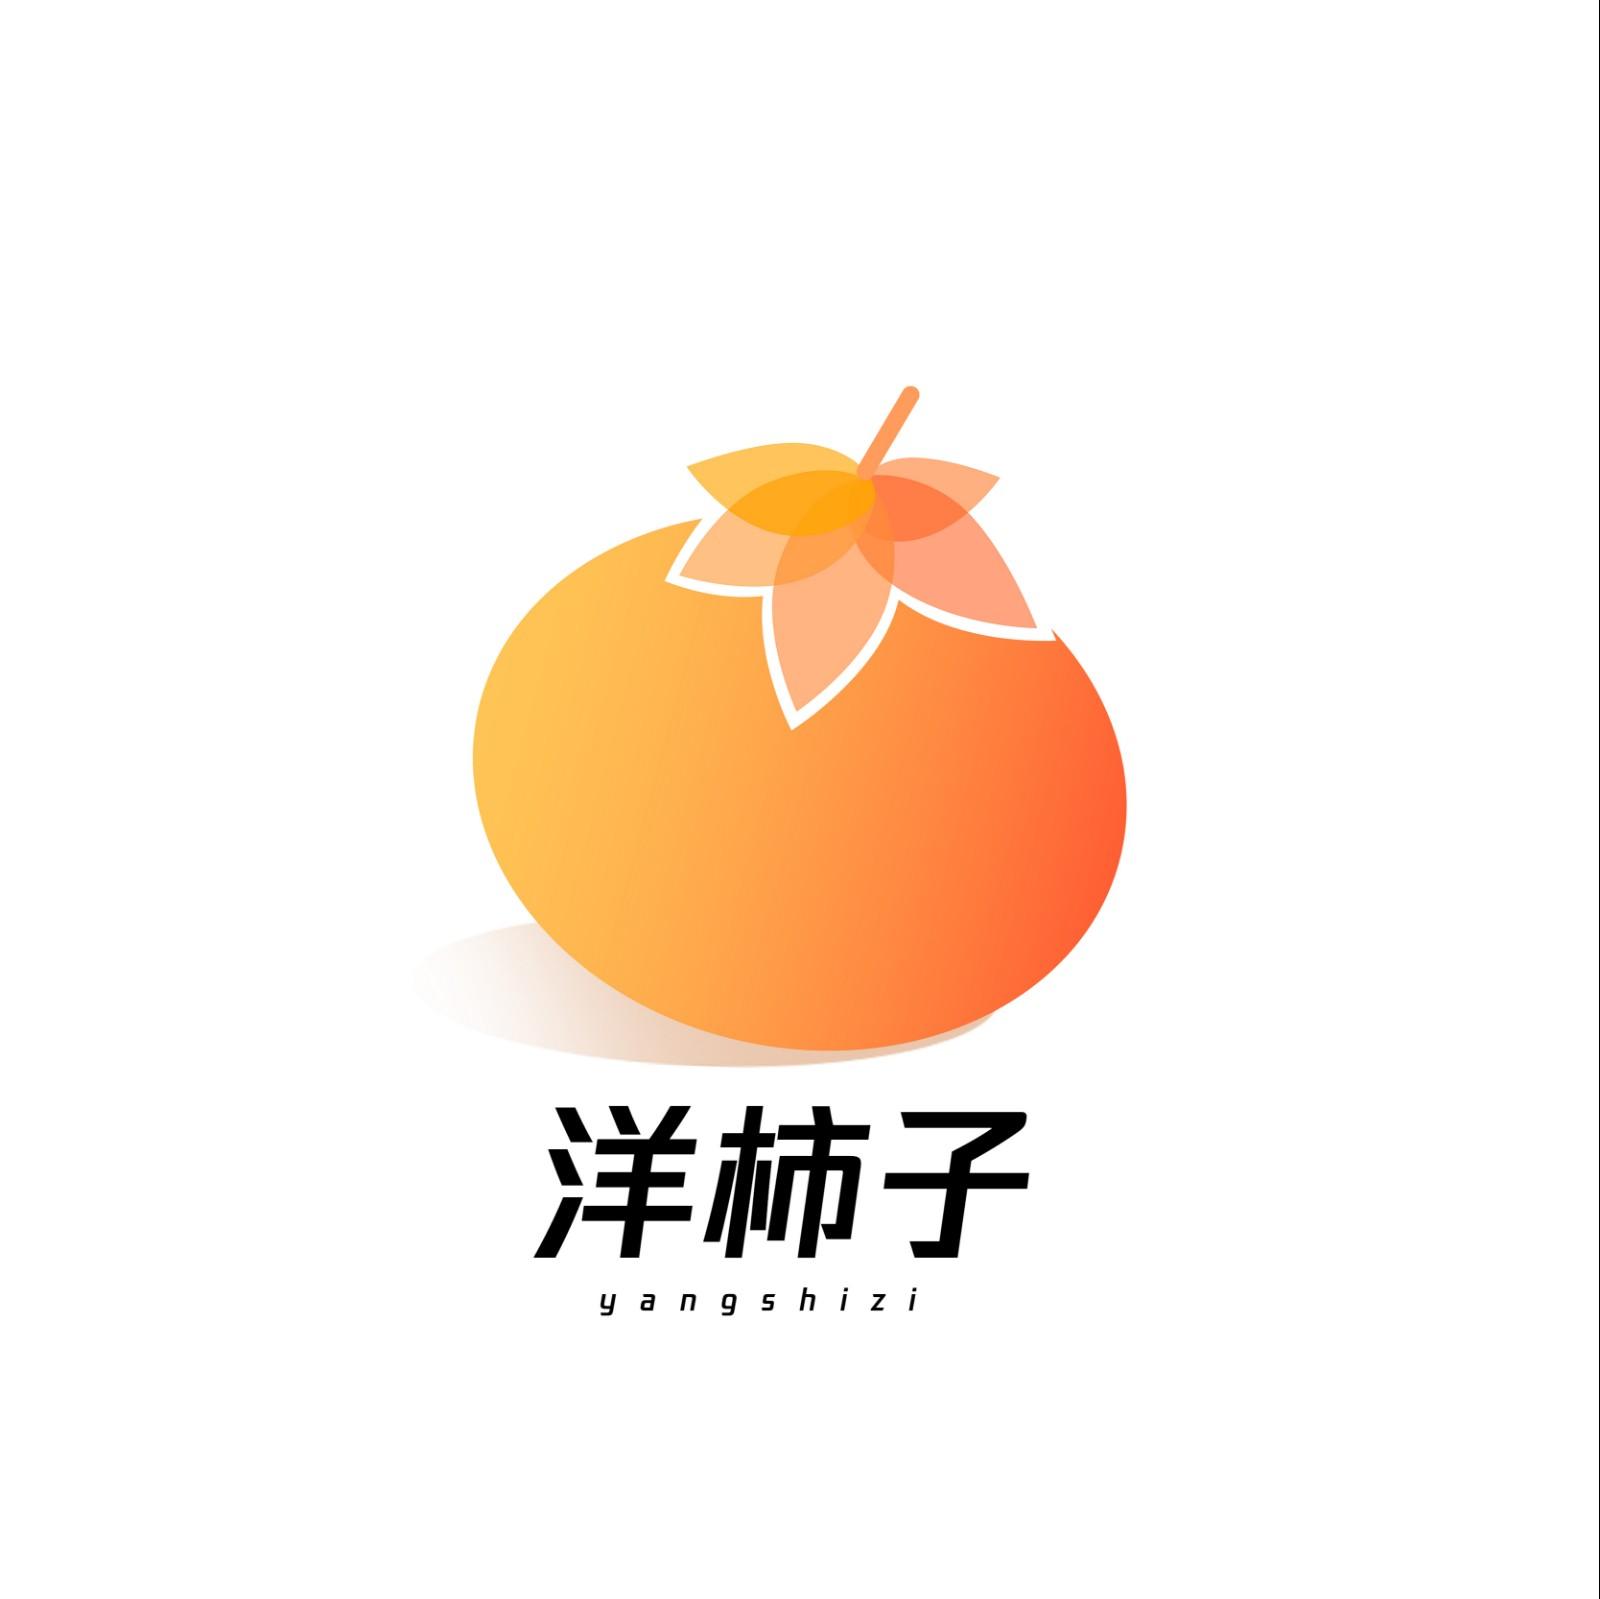 洋柿子文化